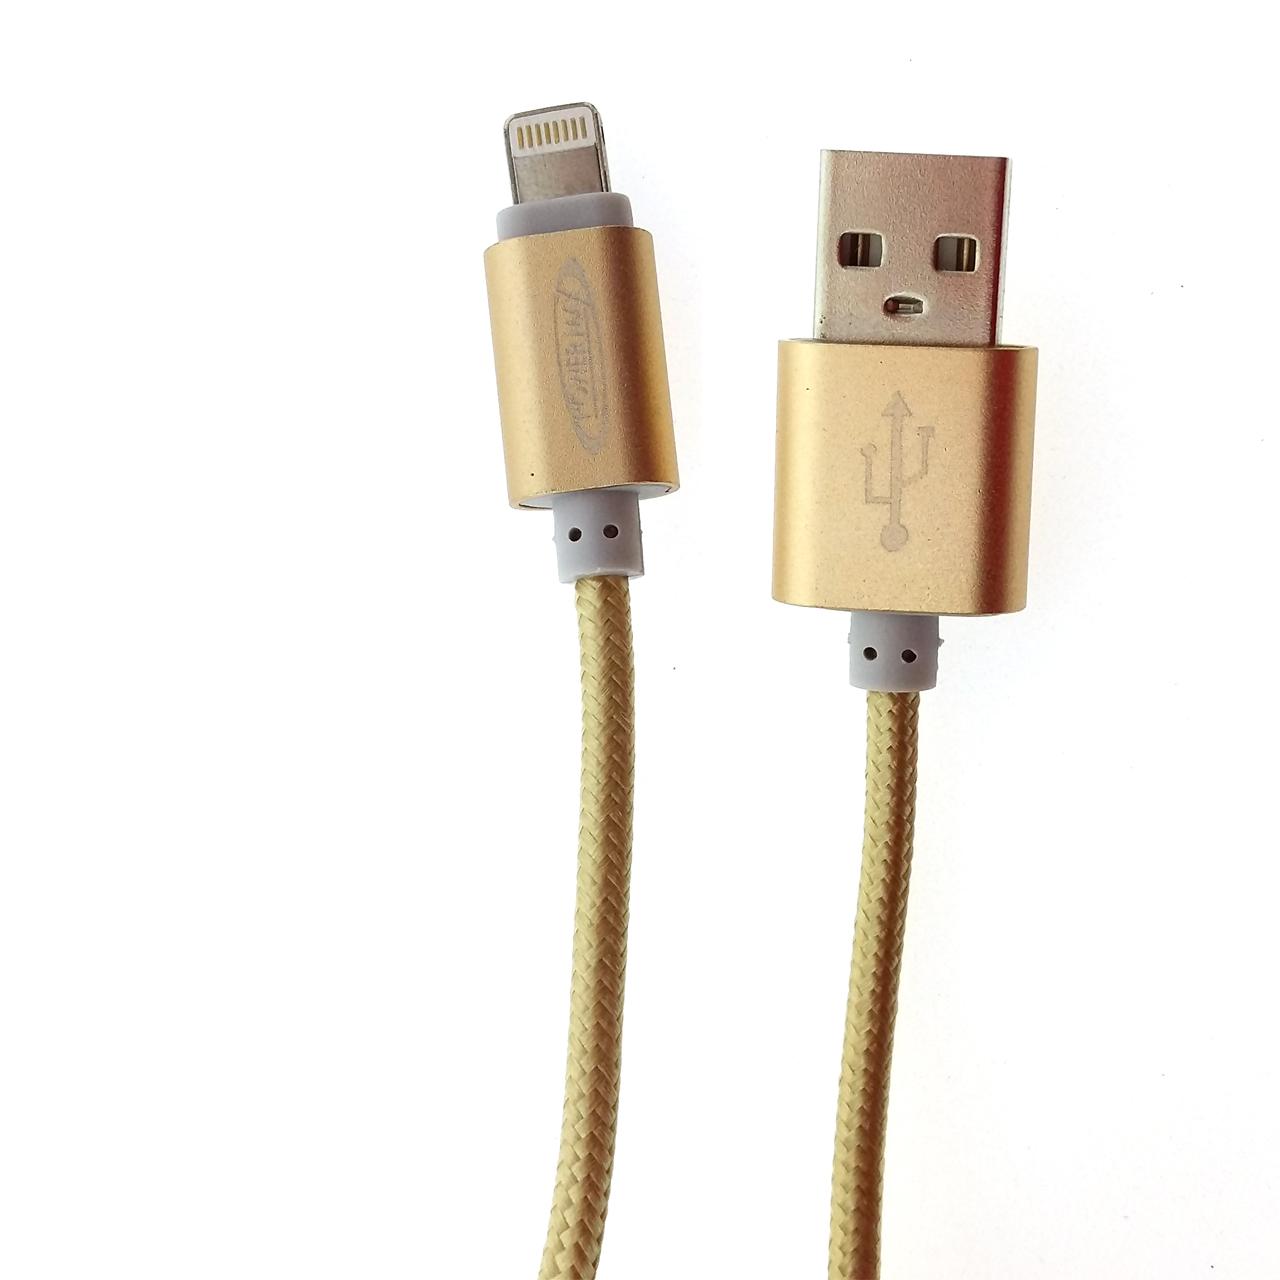 สายชาร์จโทรศัพท์มือถือ และถ่ายข้อมูล สำหรับ IOS ยืดหยุ่นพิเศษ ยี่ห้อ Powermax - สีทอง